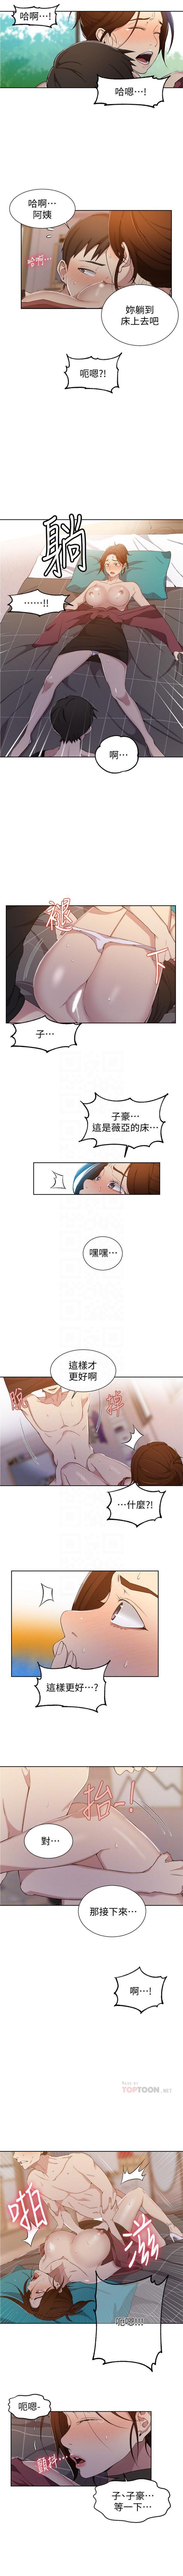 秘密教學  1-63 官方中文(連載中) 285